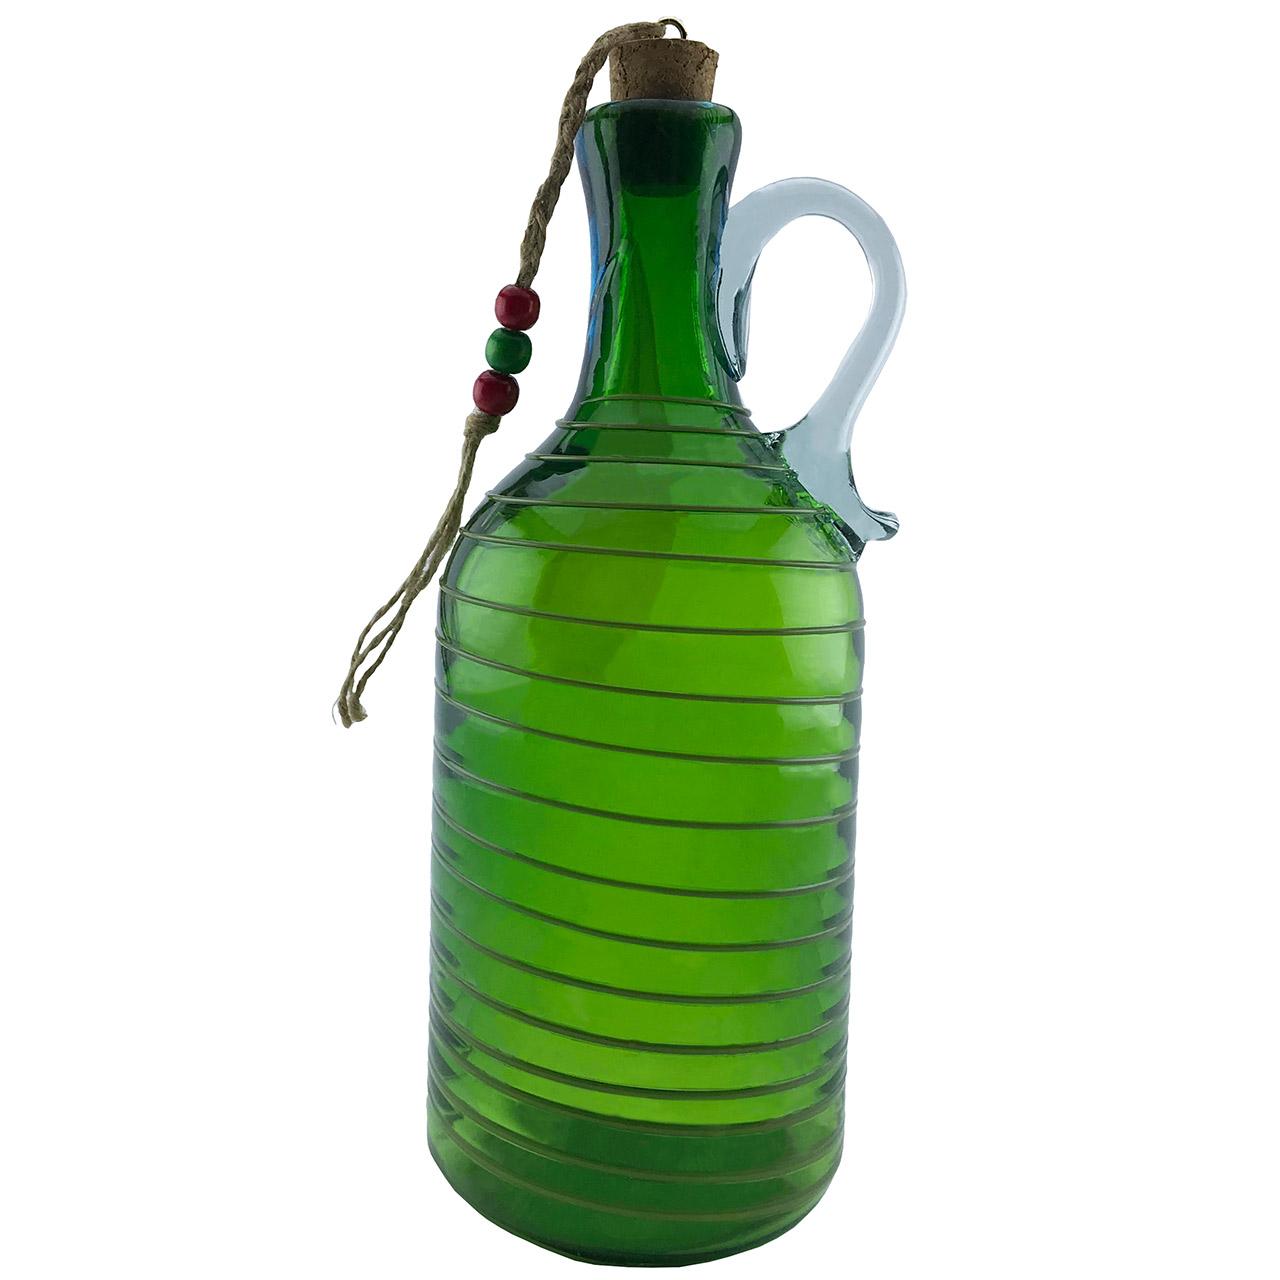 بطری شیشه ای طرح گرد نواری کد 639